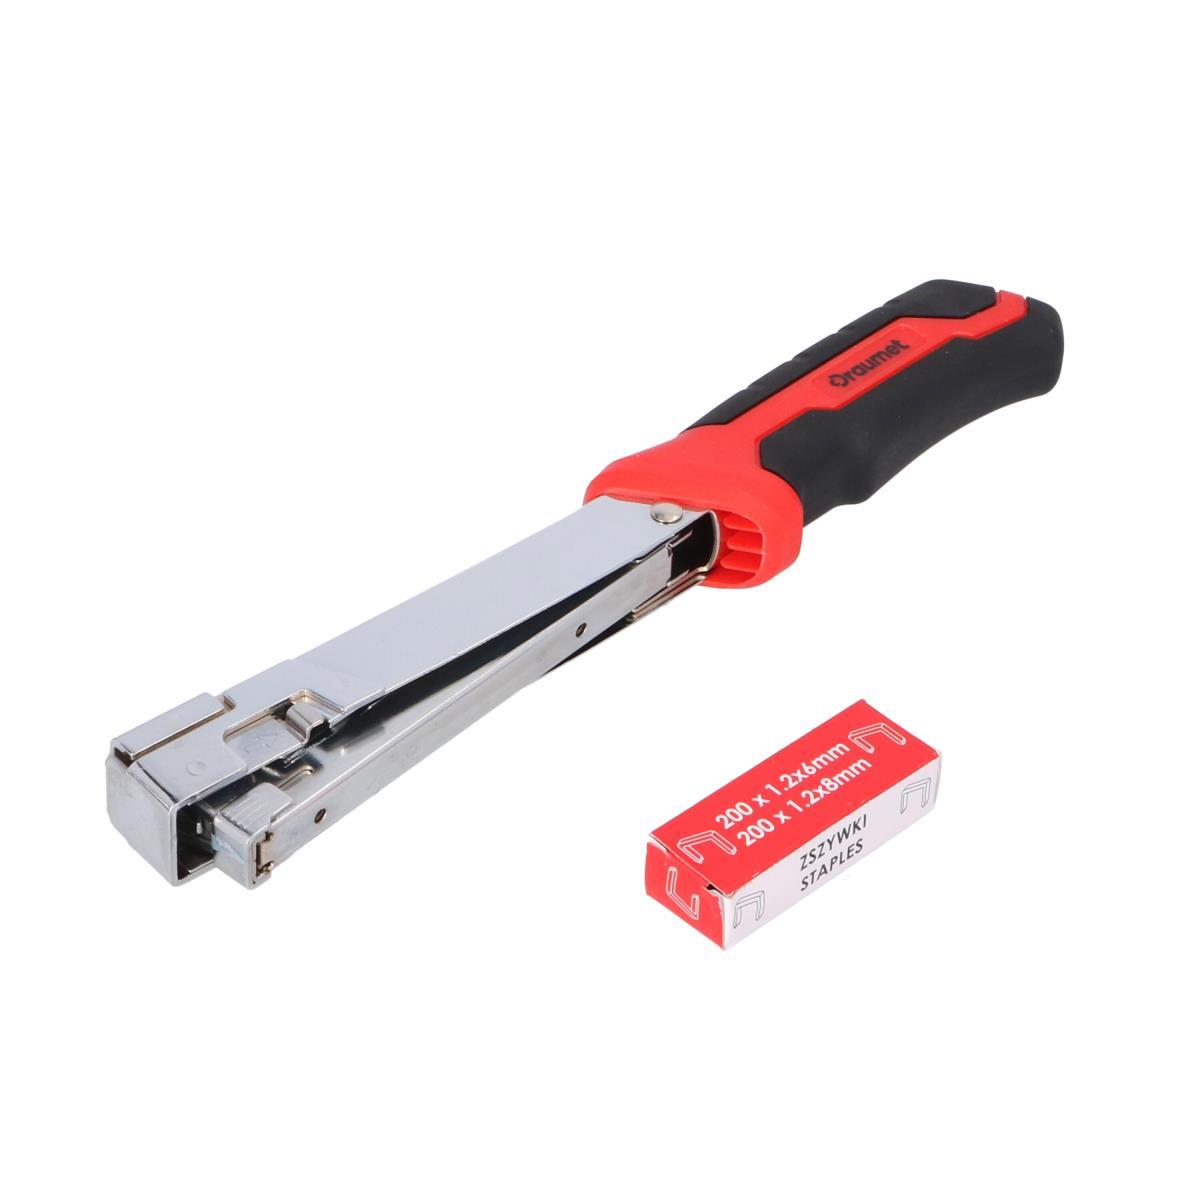 Hammertacker Typ G  Tacker Handtacker Klammergerät,DRAUMET,8986, 5907078989860